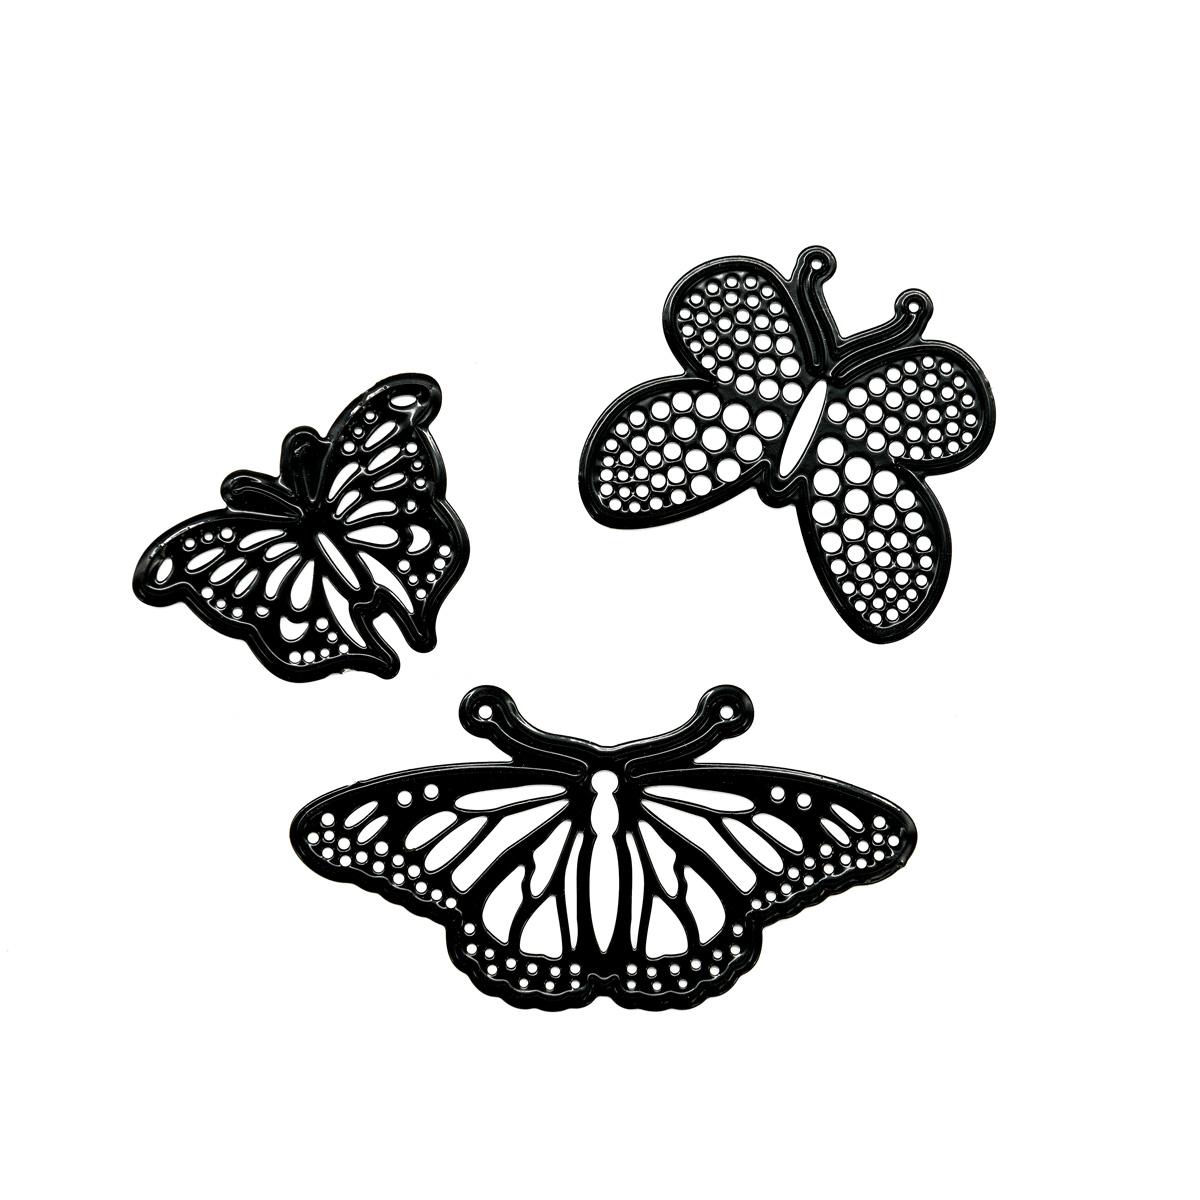 Форма для вырубки Бабочки SCB 20022856